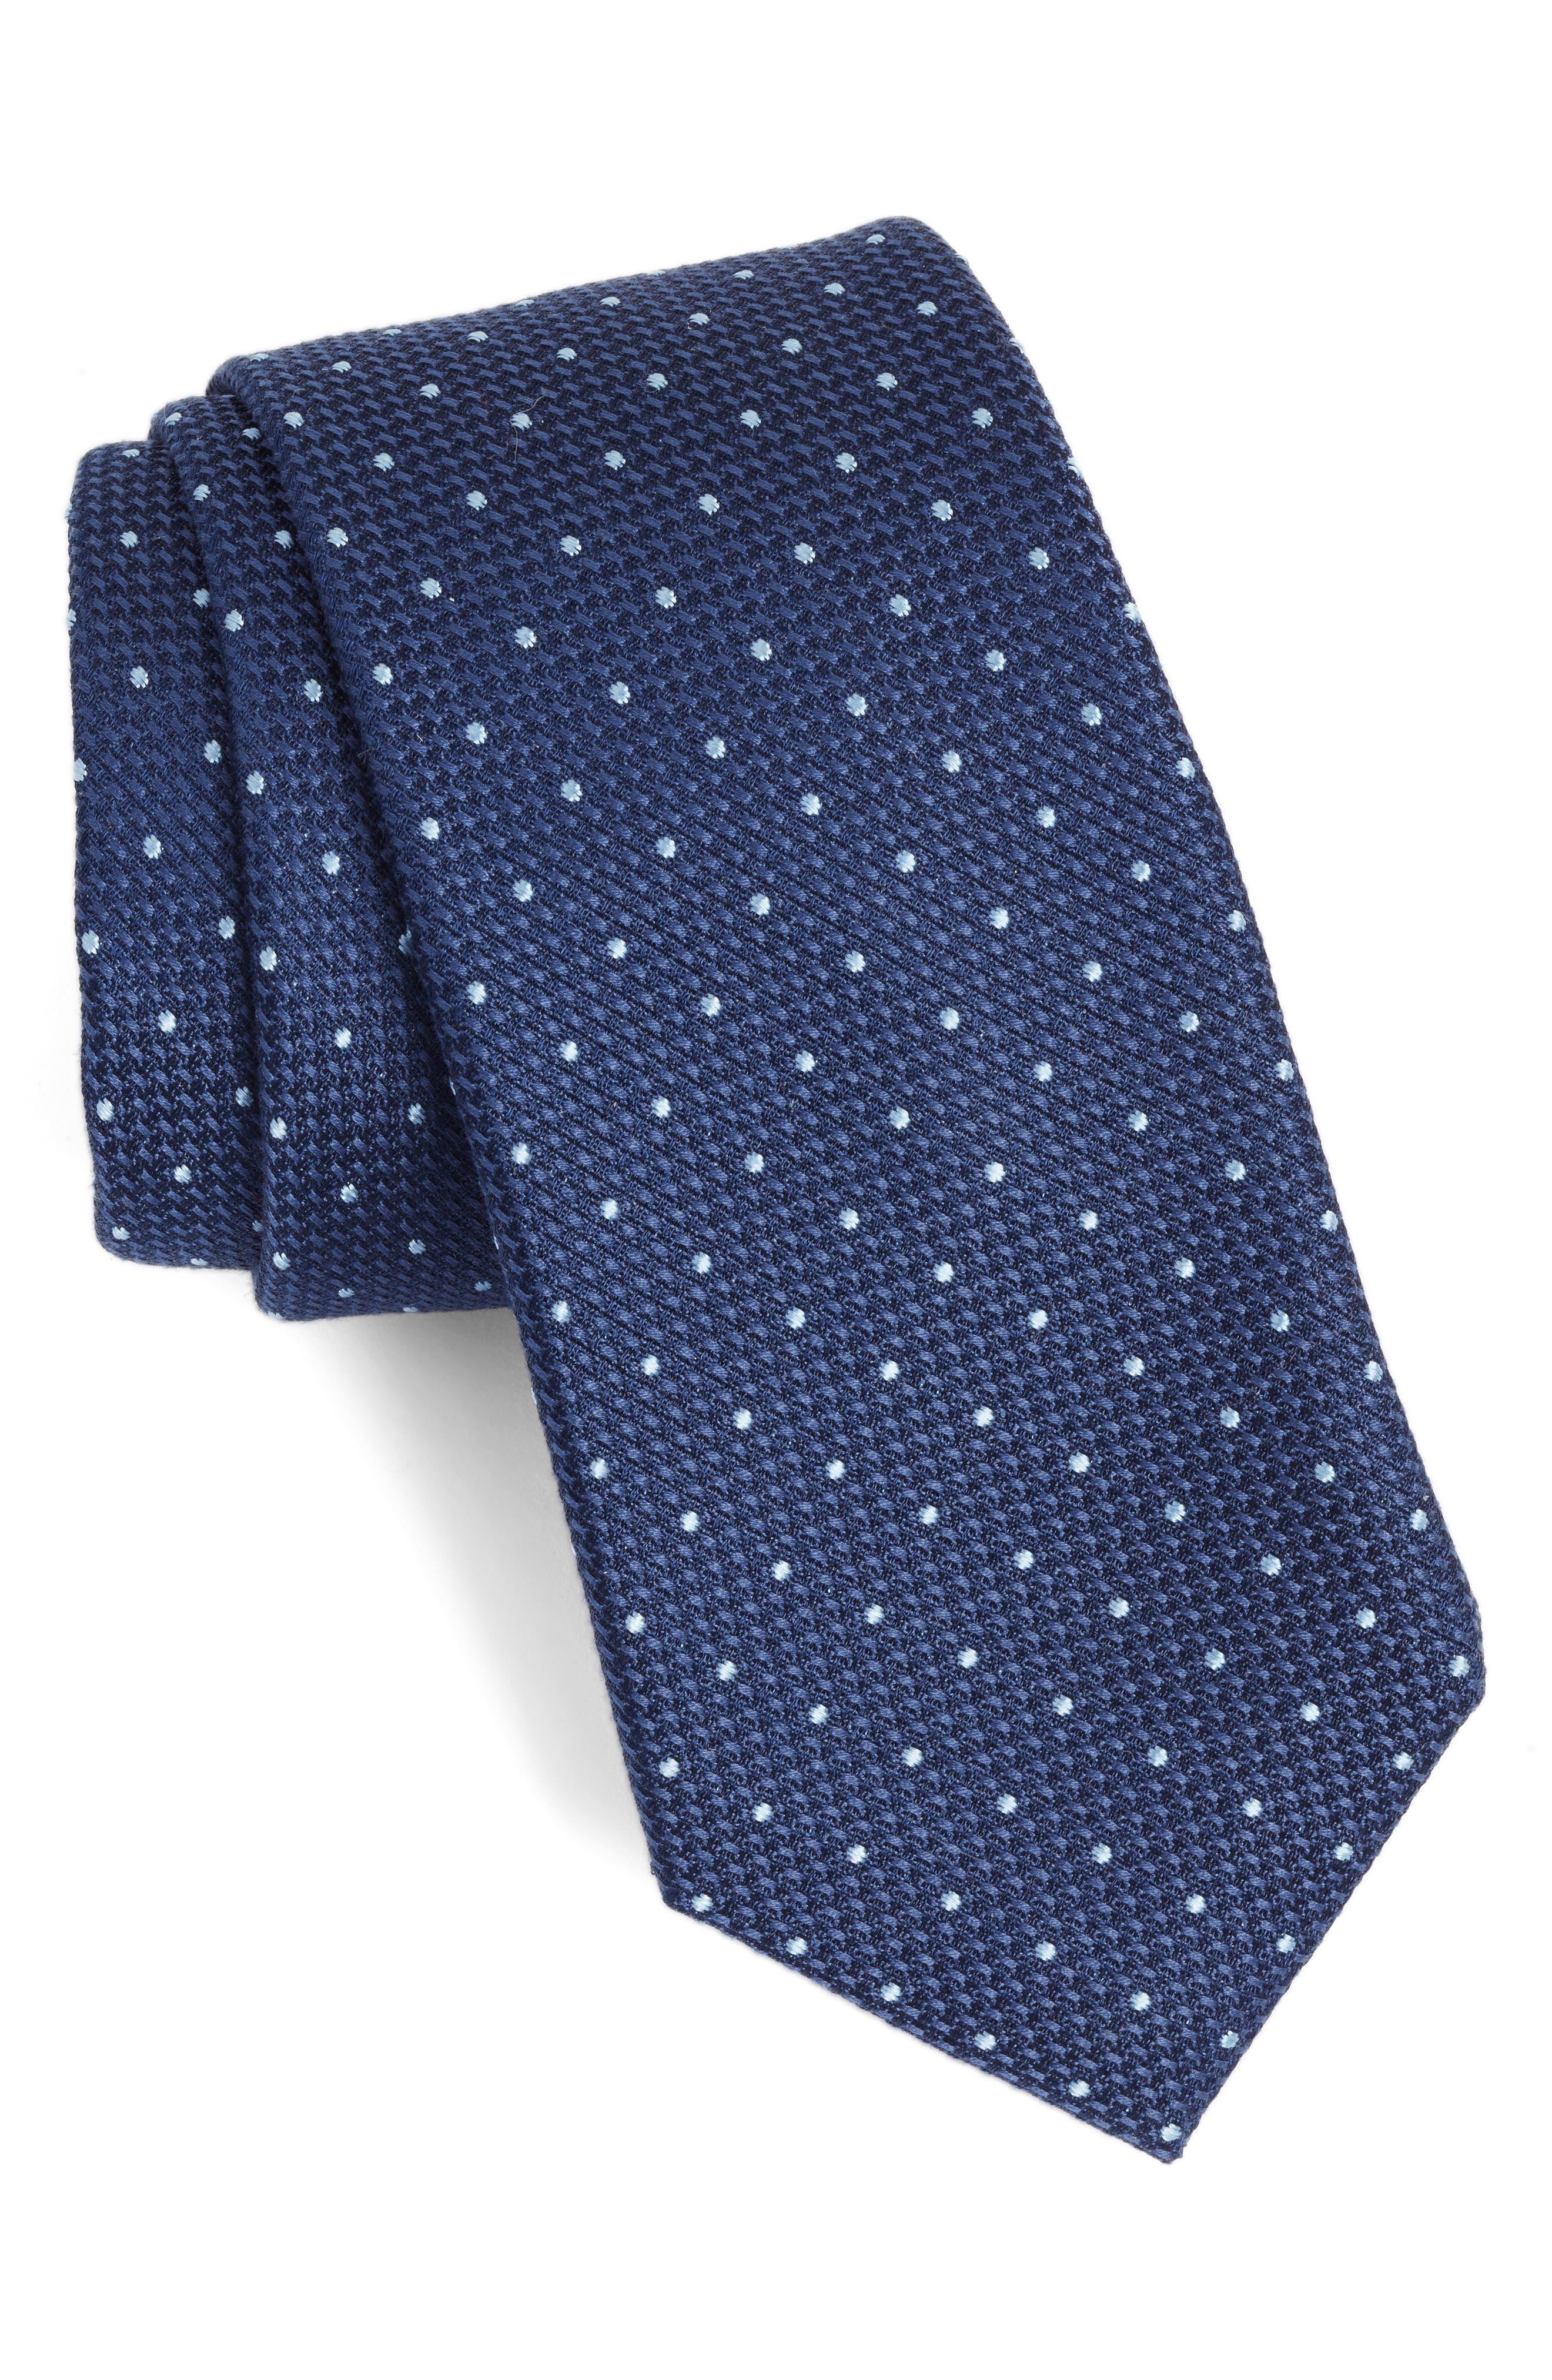 Calibrate Dot Cotton & Silk Tie